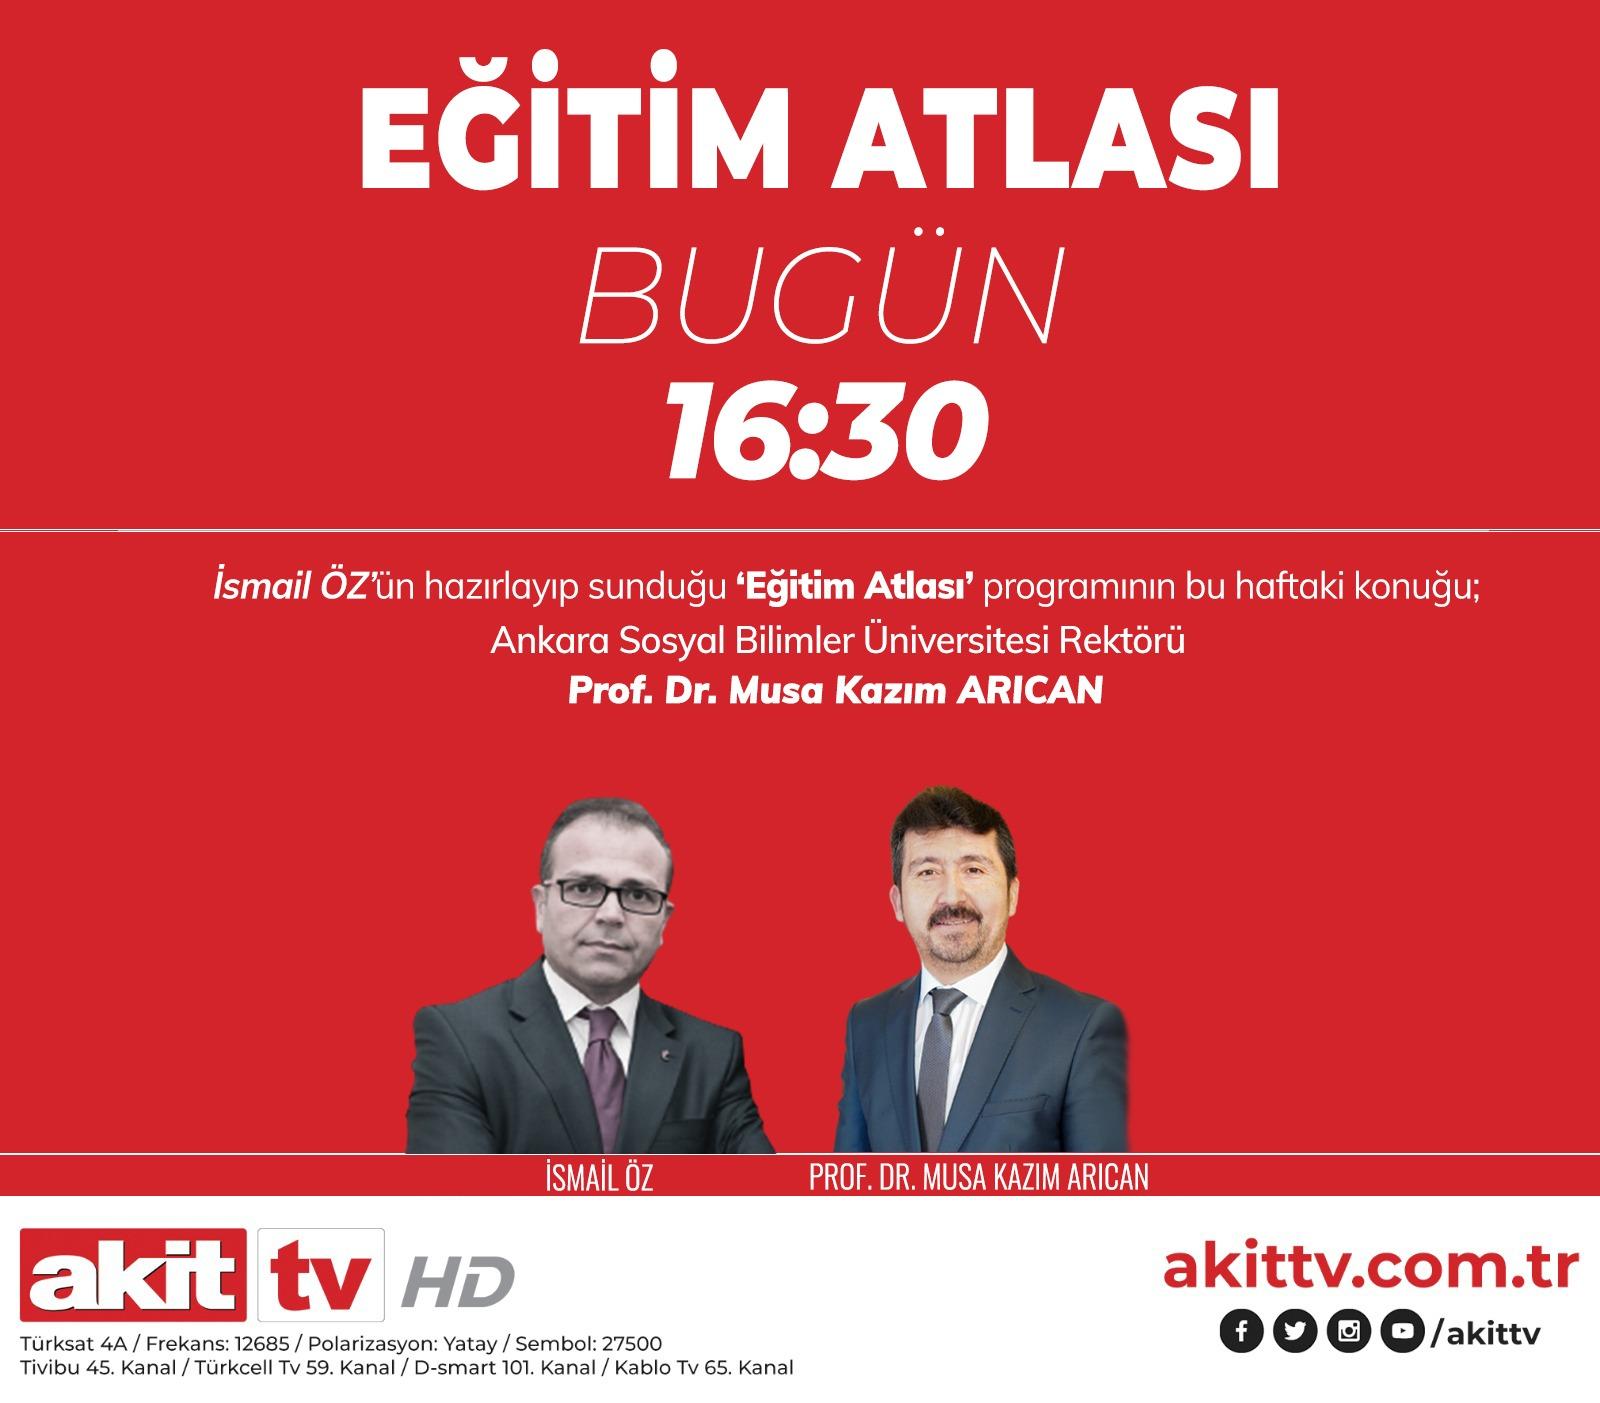 Başkan Arıcan Akit TV'de konuşacak